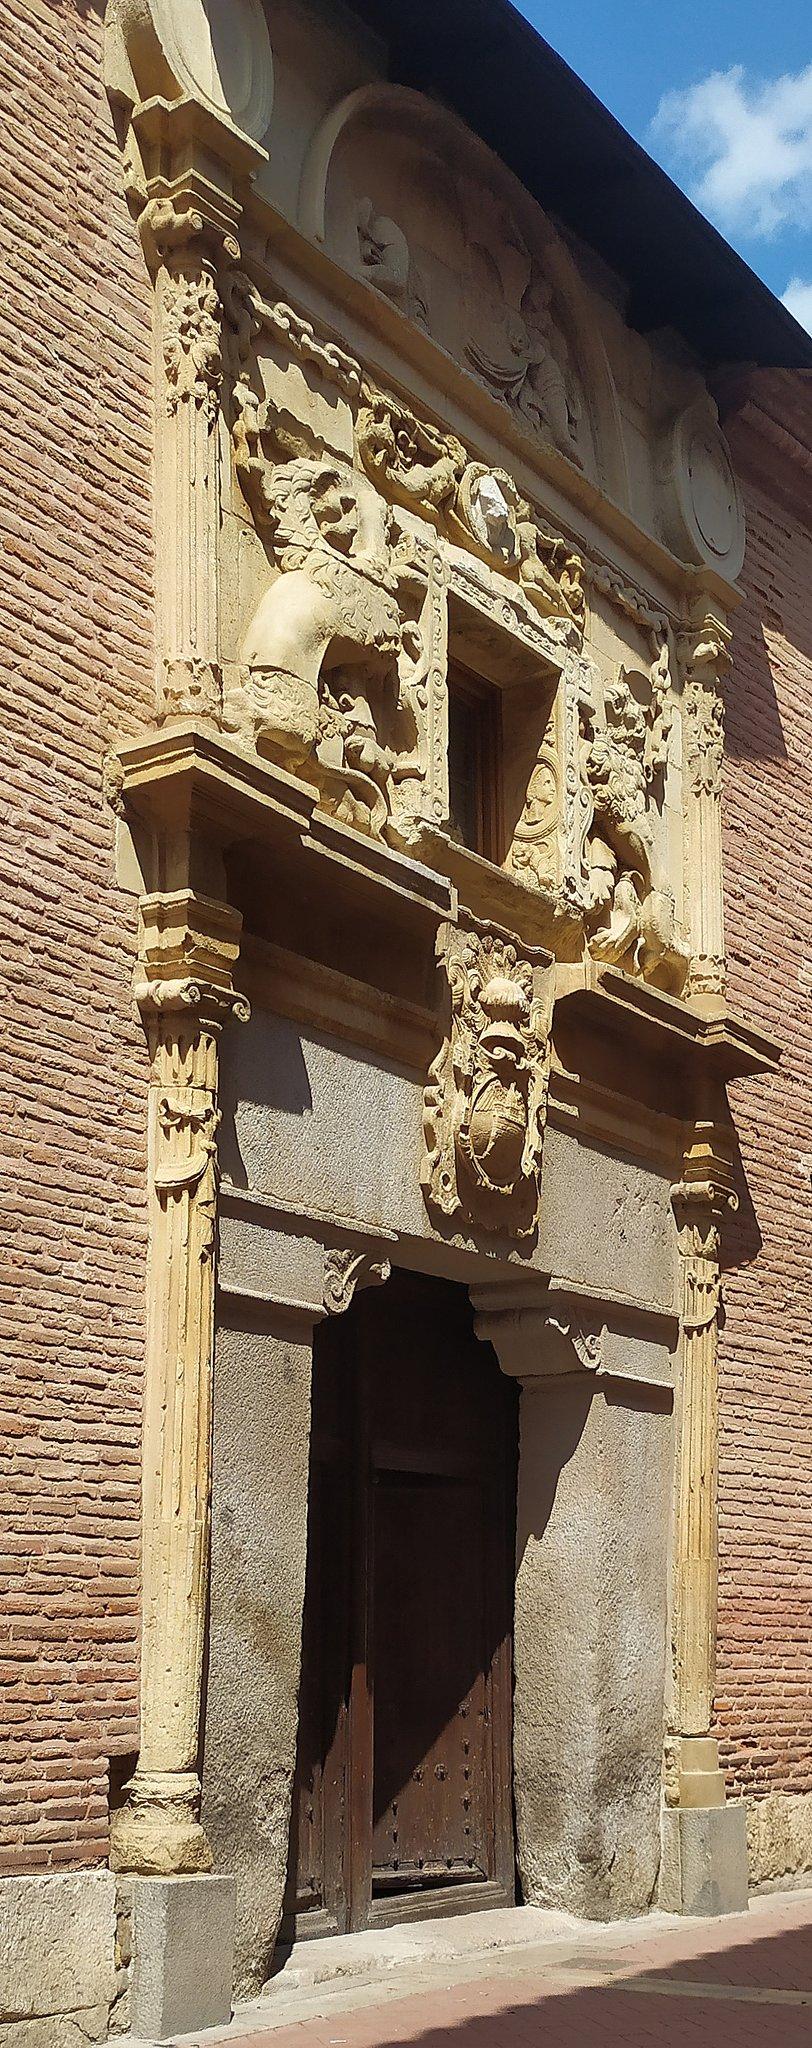 La casa de los Lizana, un bello edificio renacentista de Alcalá de Henares